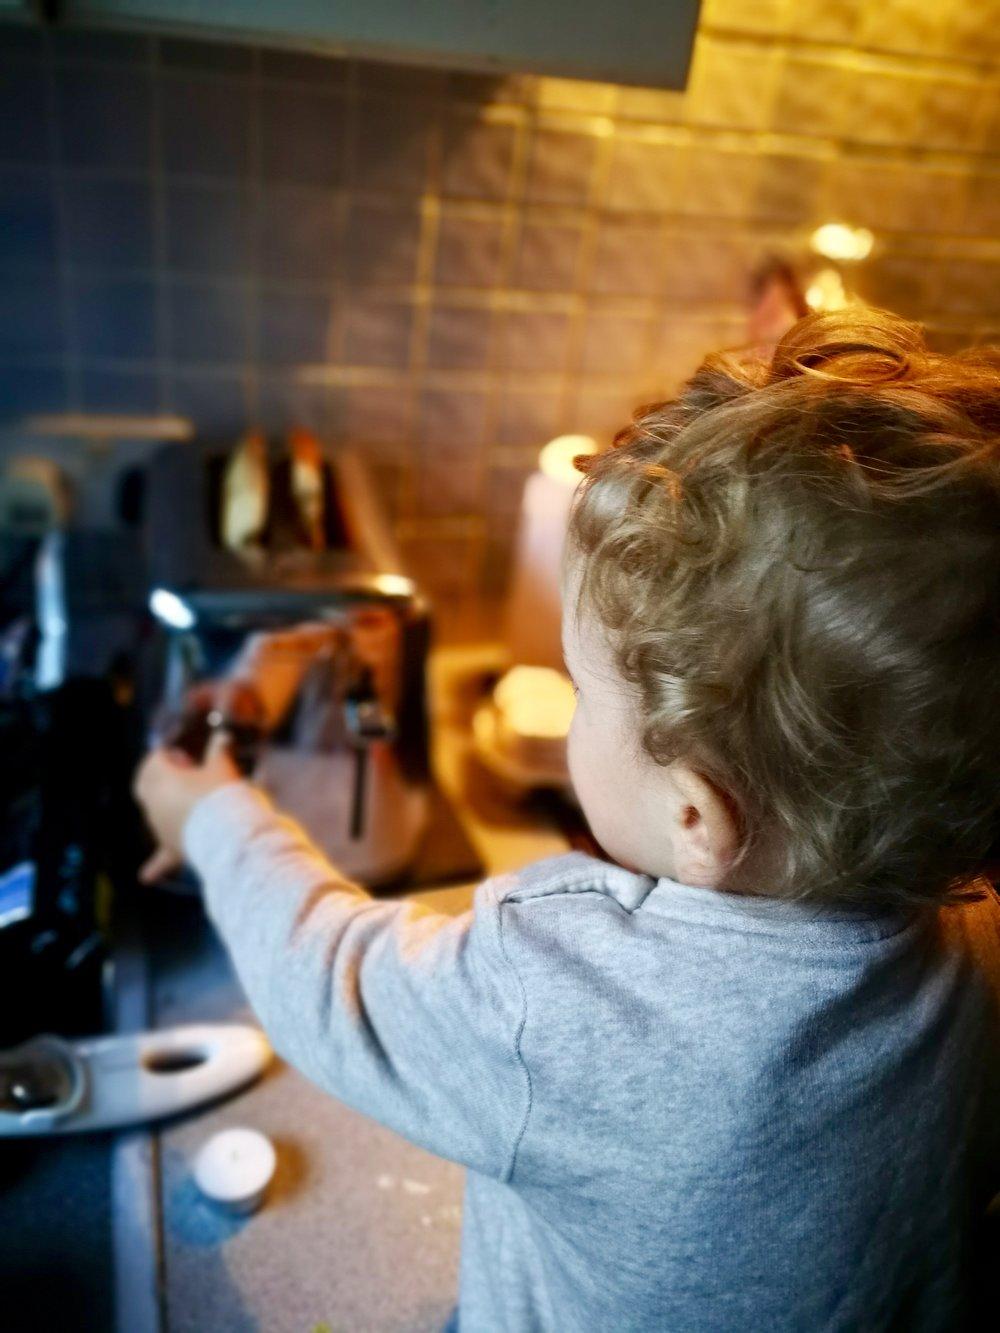 02-Cooking-breakfast-with-Alexjpg.jpg